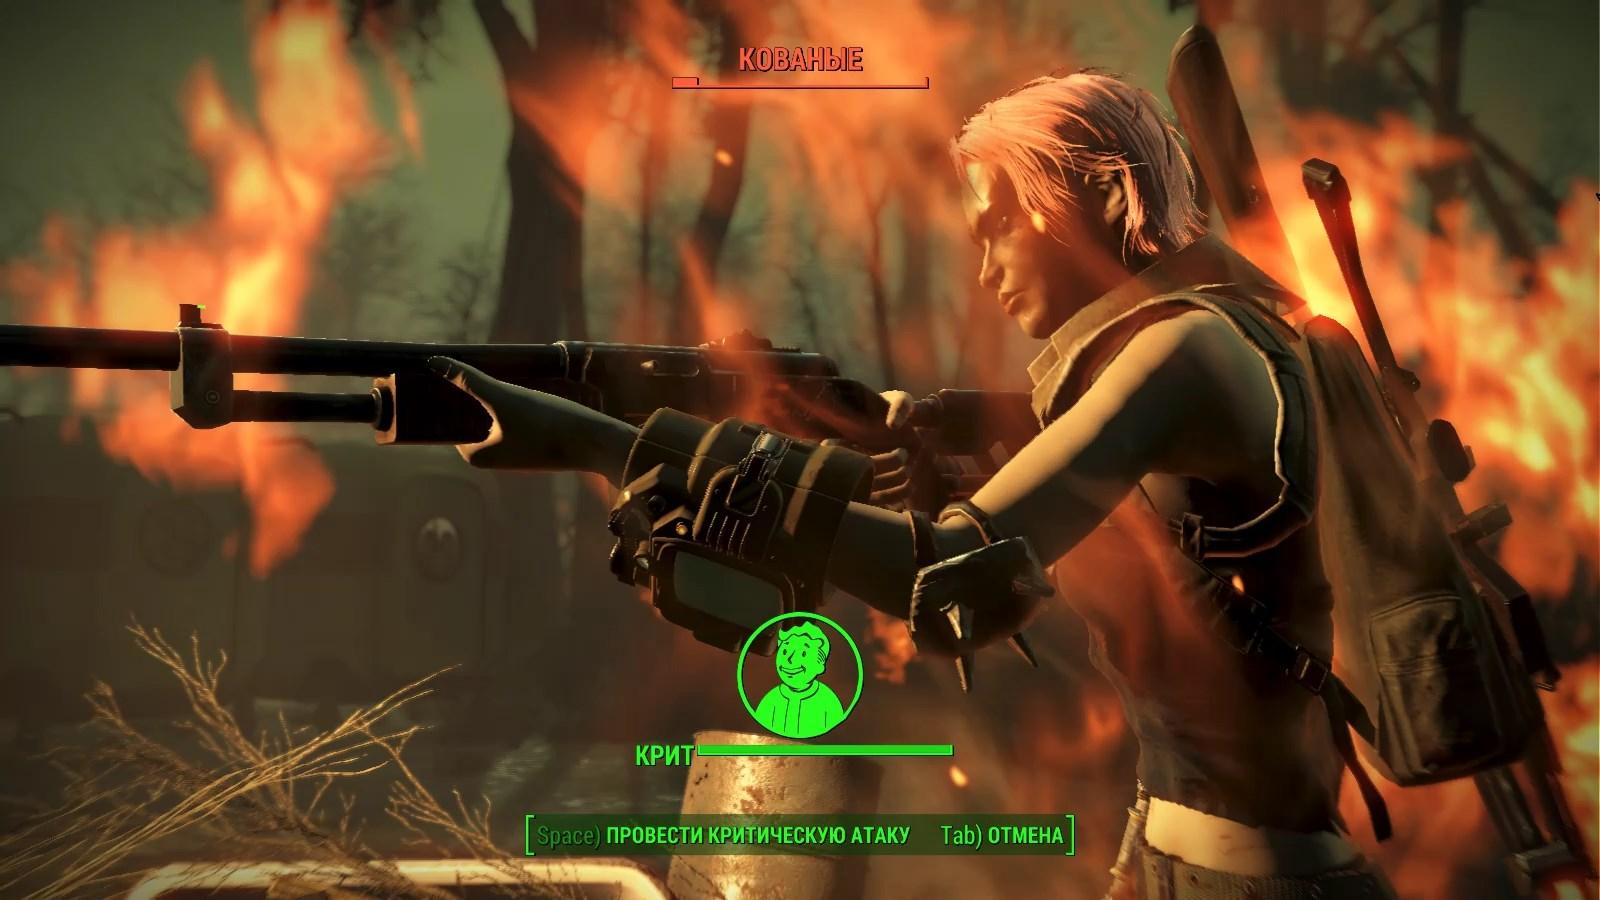 Fallout 4 10.19.2017 - 00.51.52.02.mp4_snapshot_02.58_[2017.10.19_02.05.12].jpg - Fallout 4